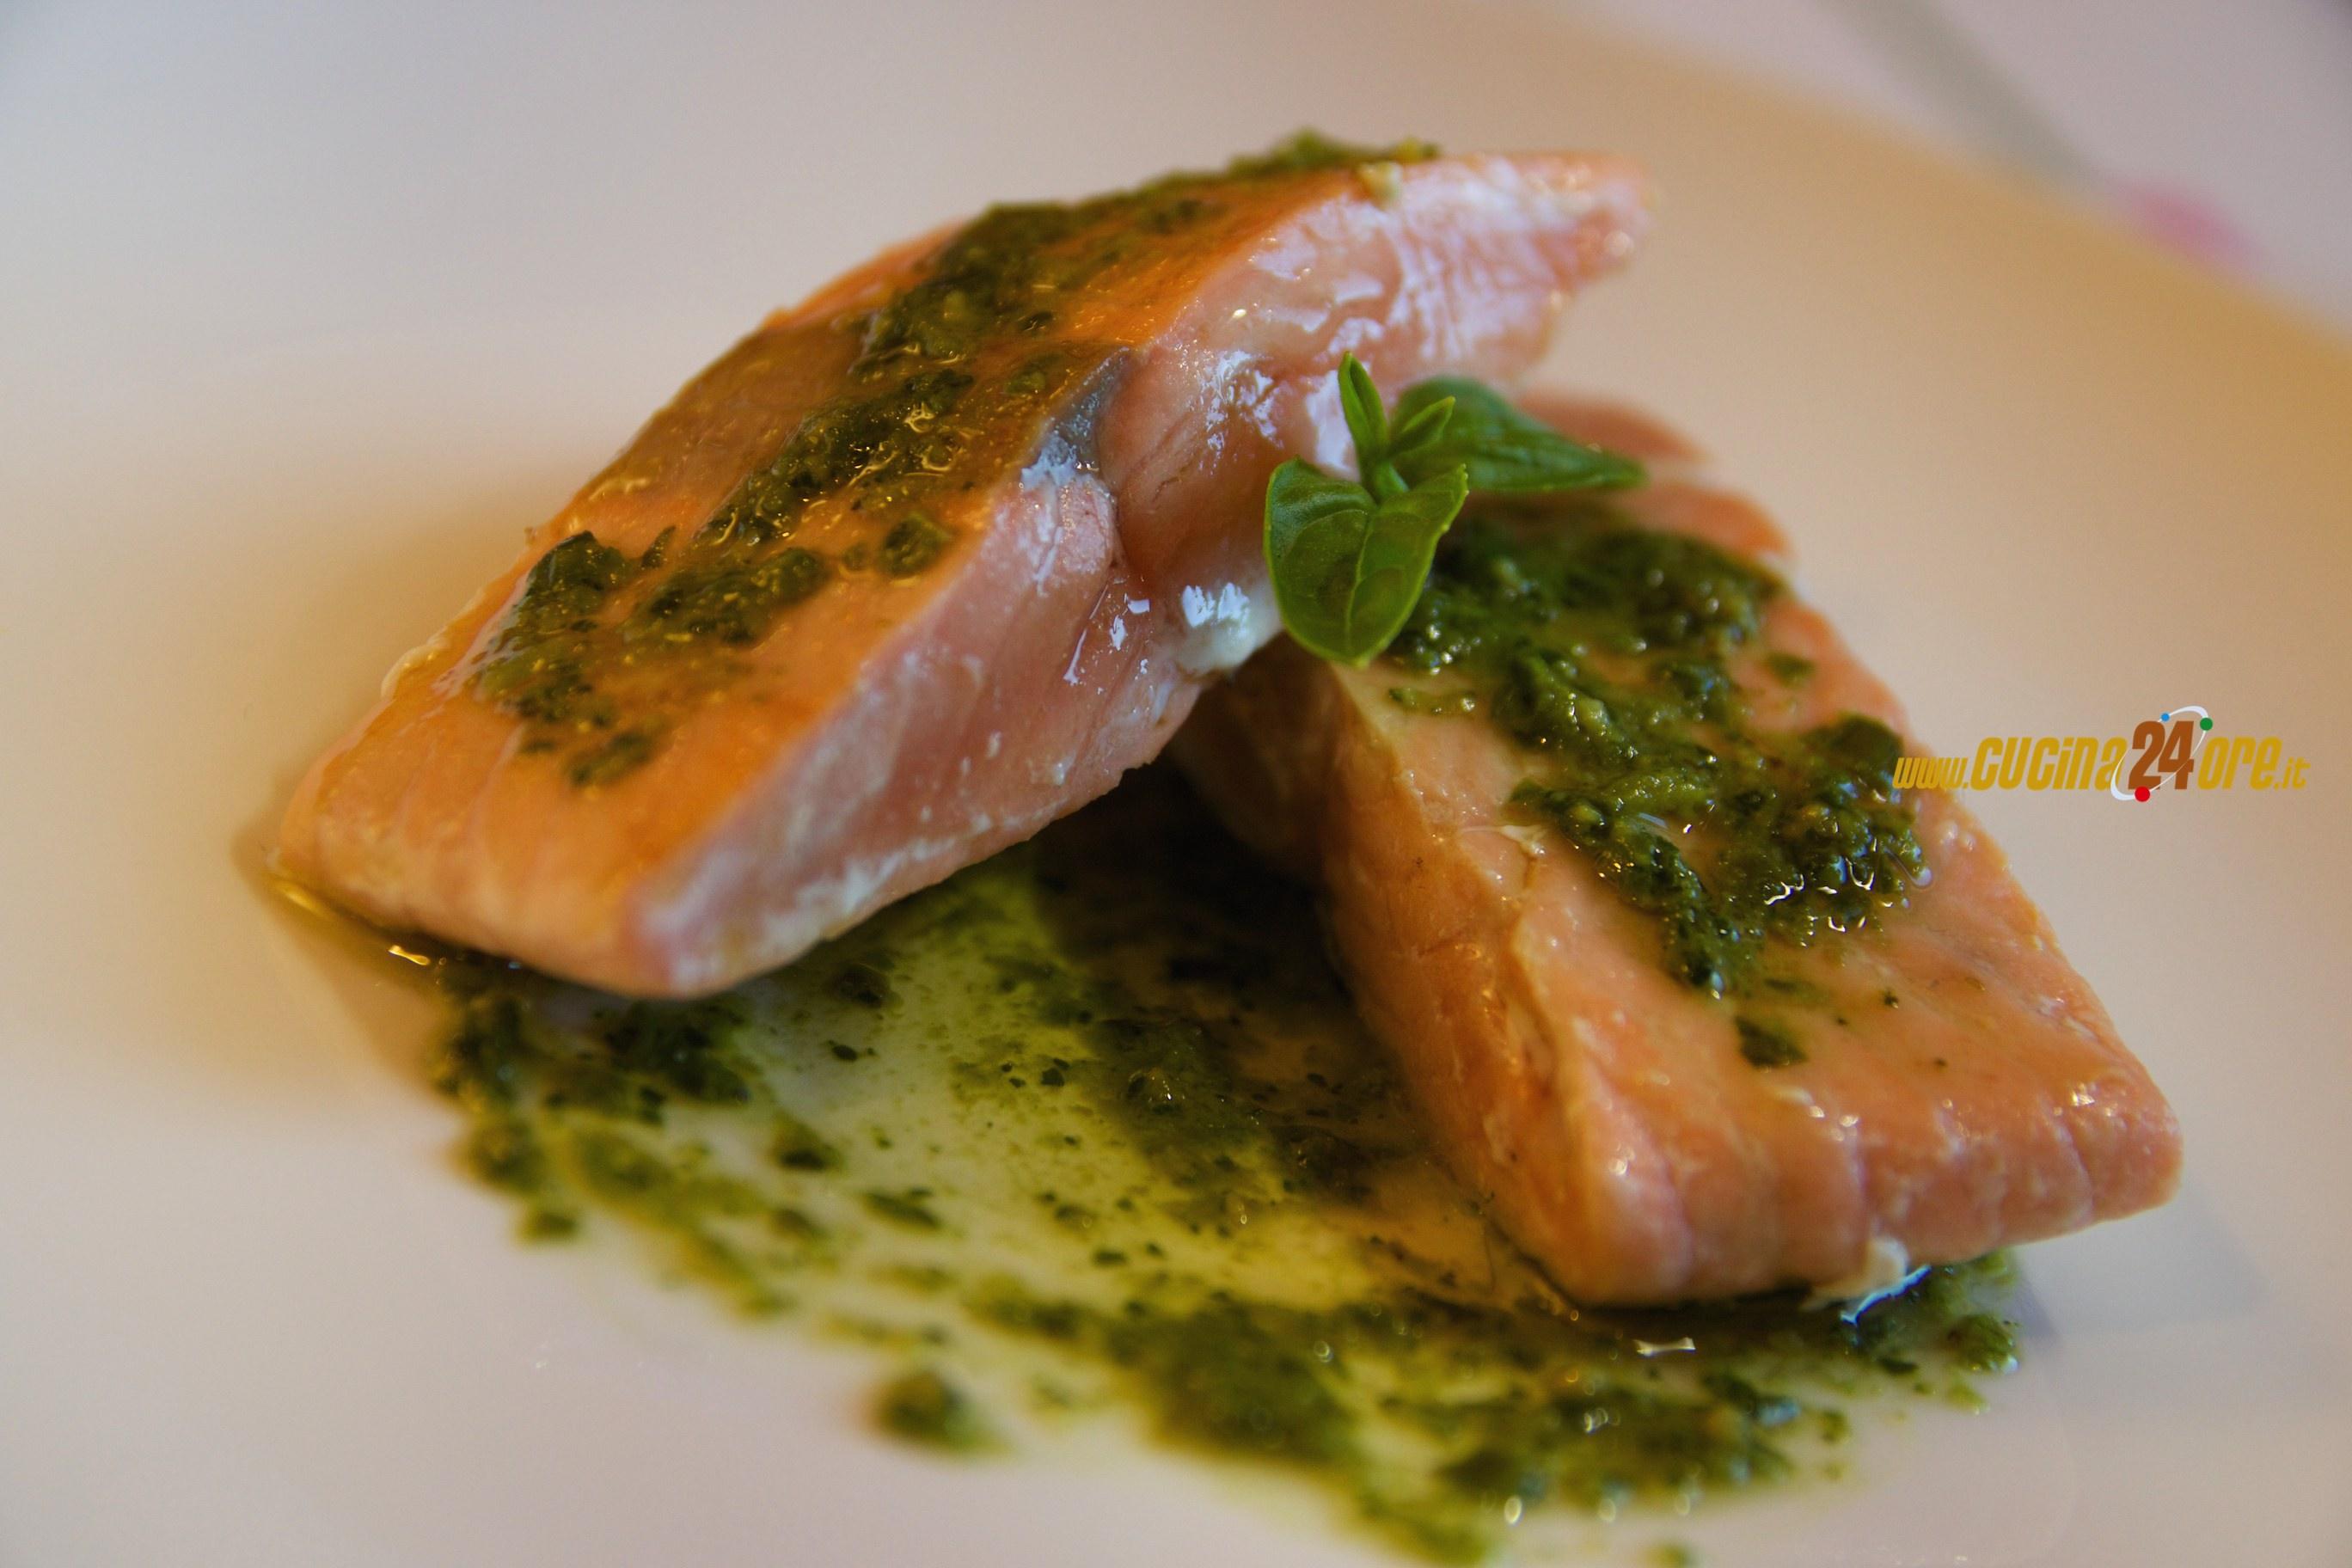 Salmone con pesto al basilico secondo di pesce velocissimo